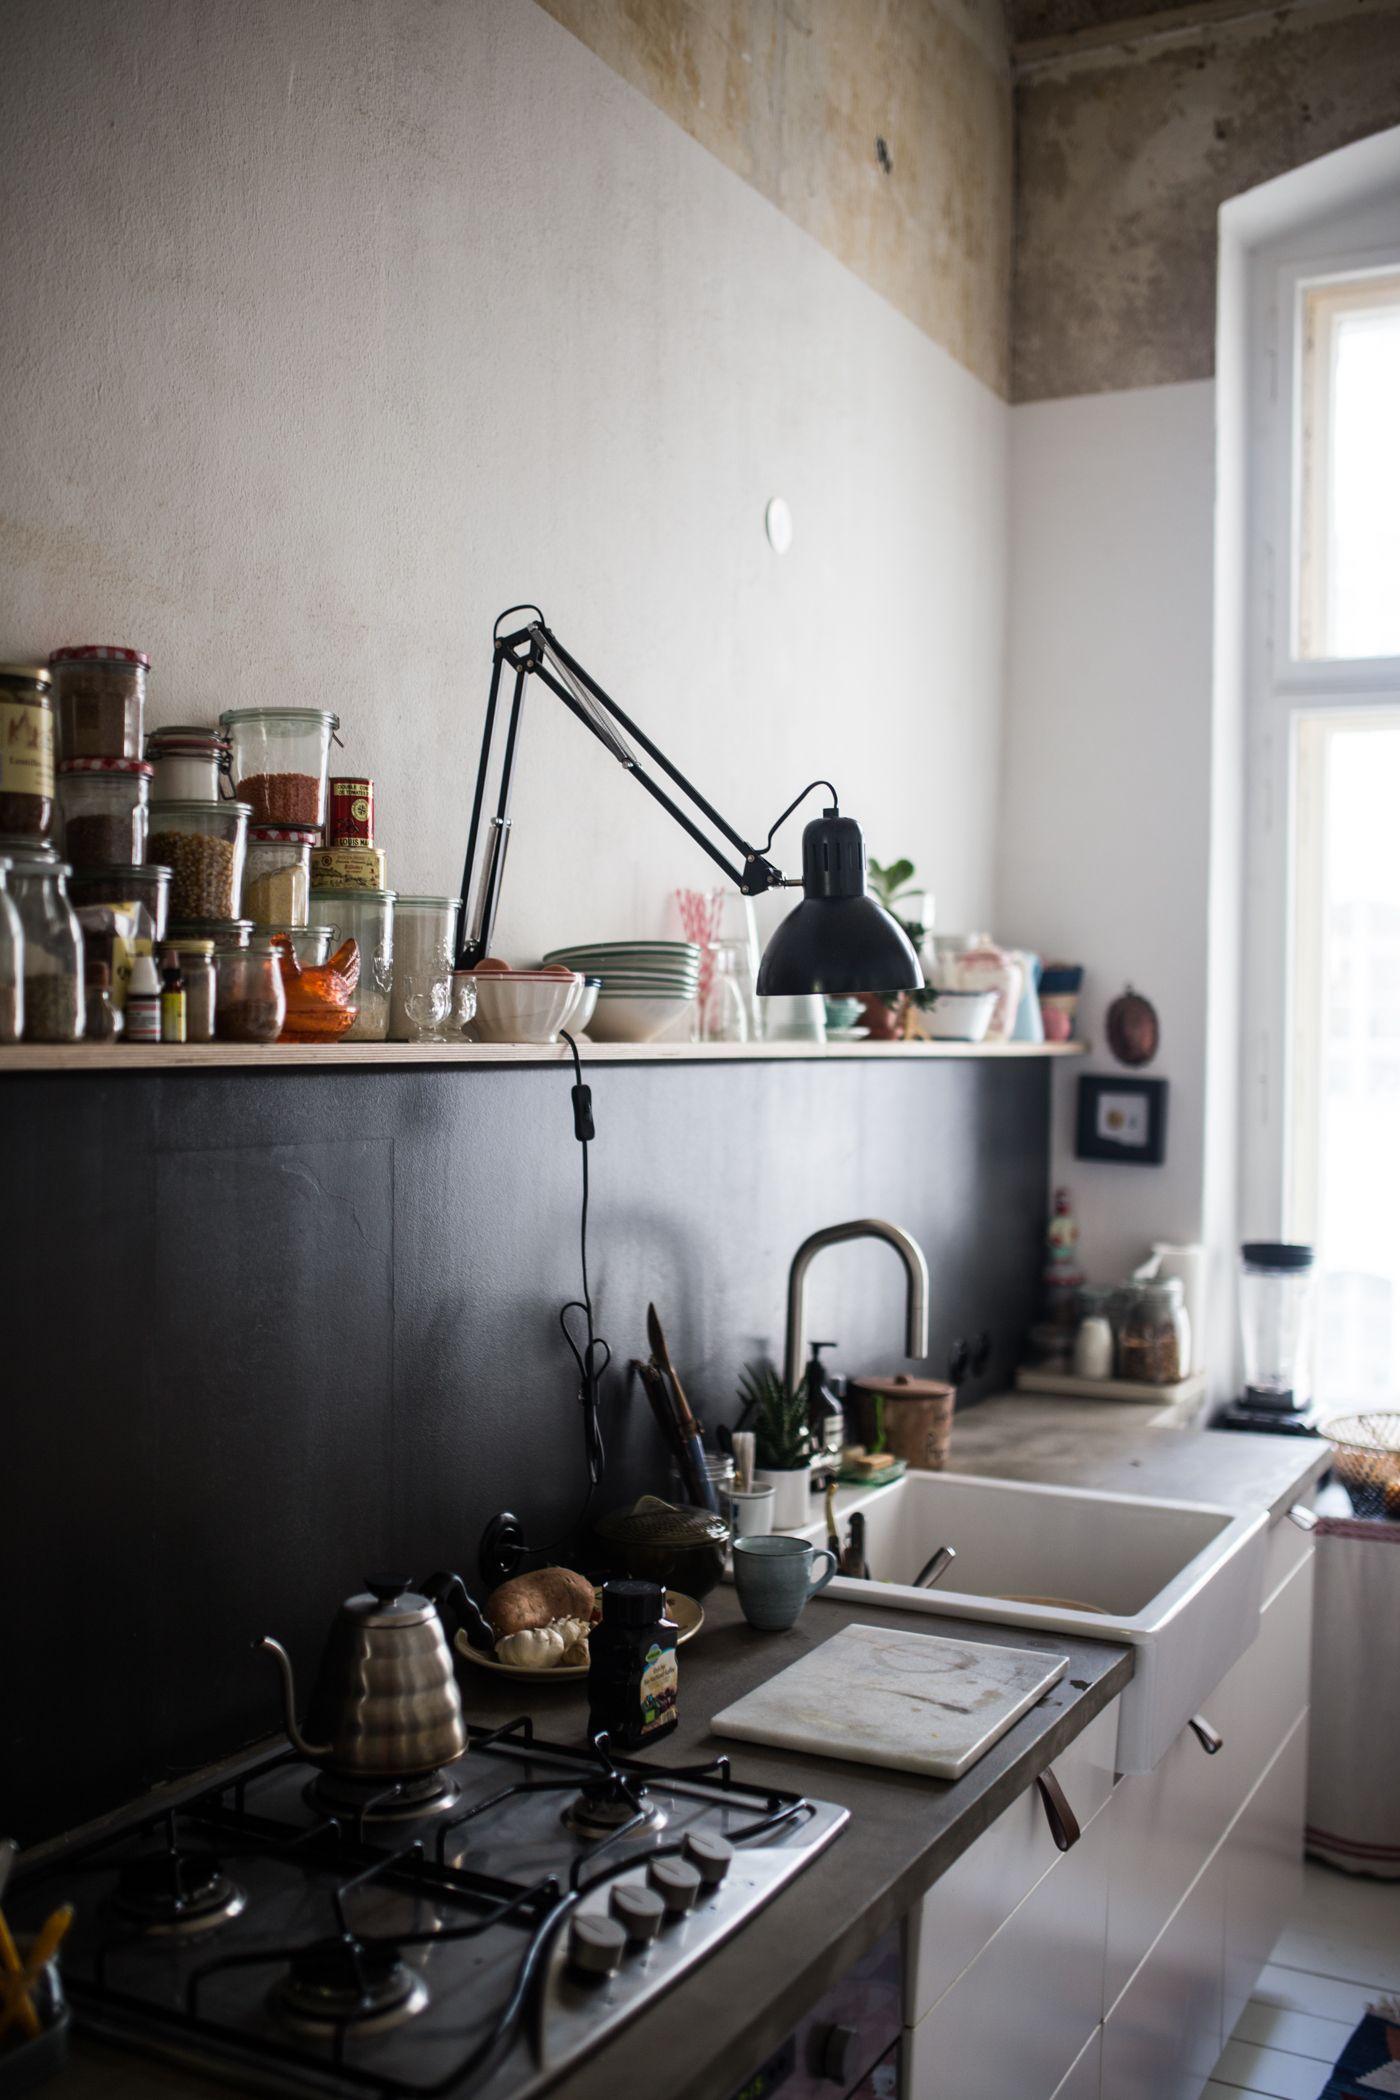 zu besuch bei karina in berlin kreuzberg kochgrube hexhex pinterest k che wohnen und. Black Bedroom Furniture Sets. Home Design Ideas